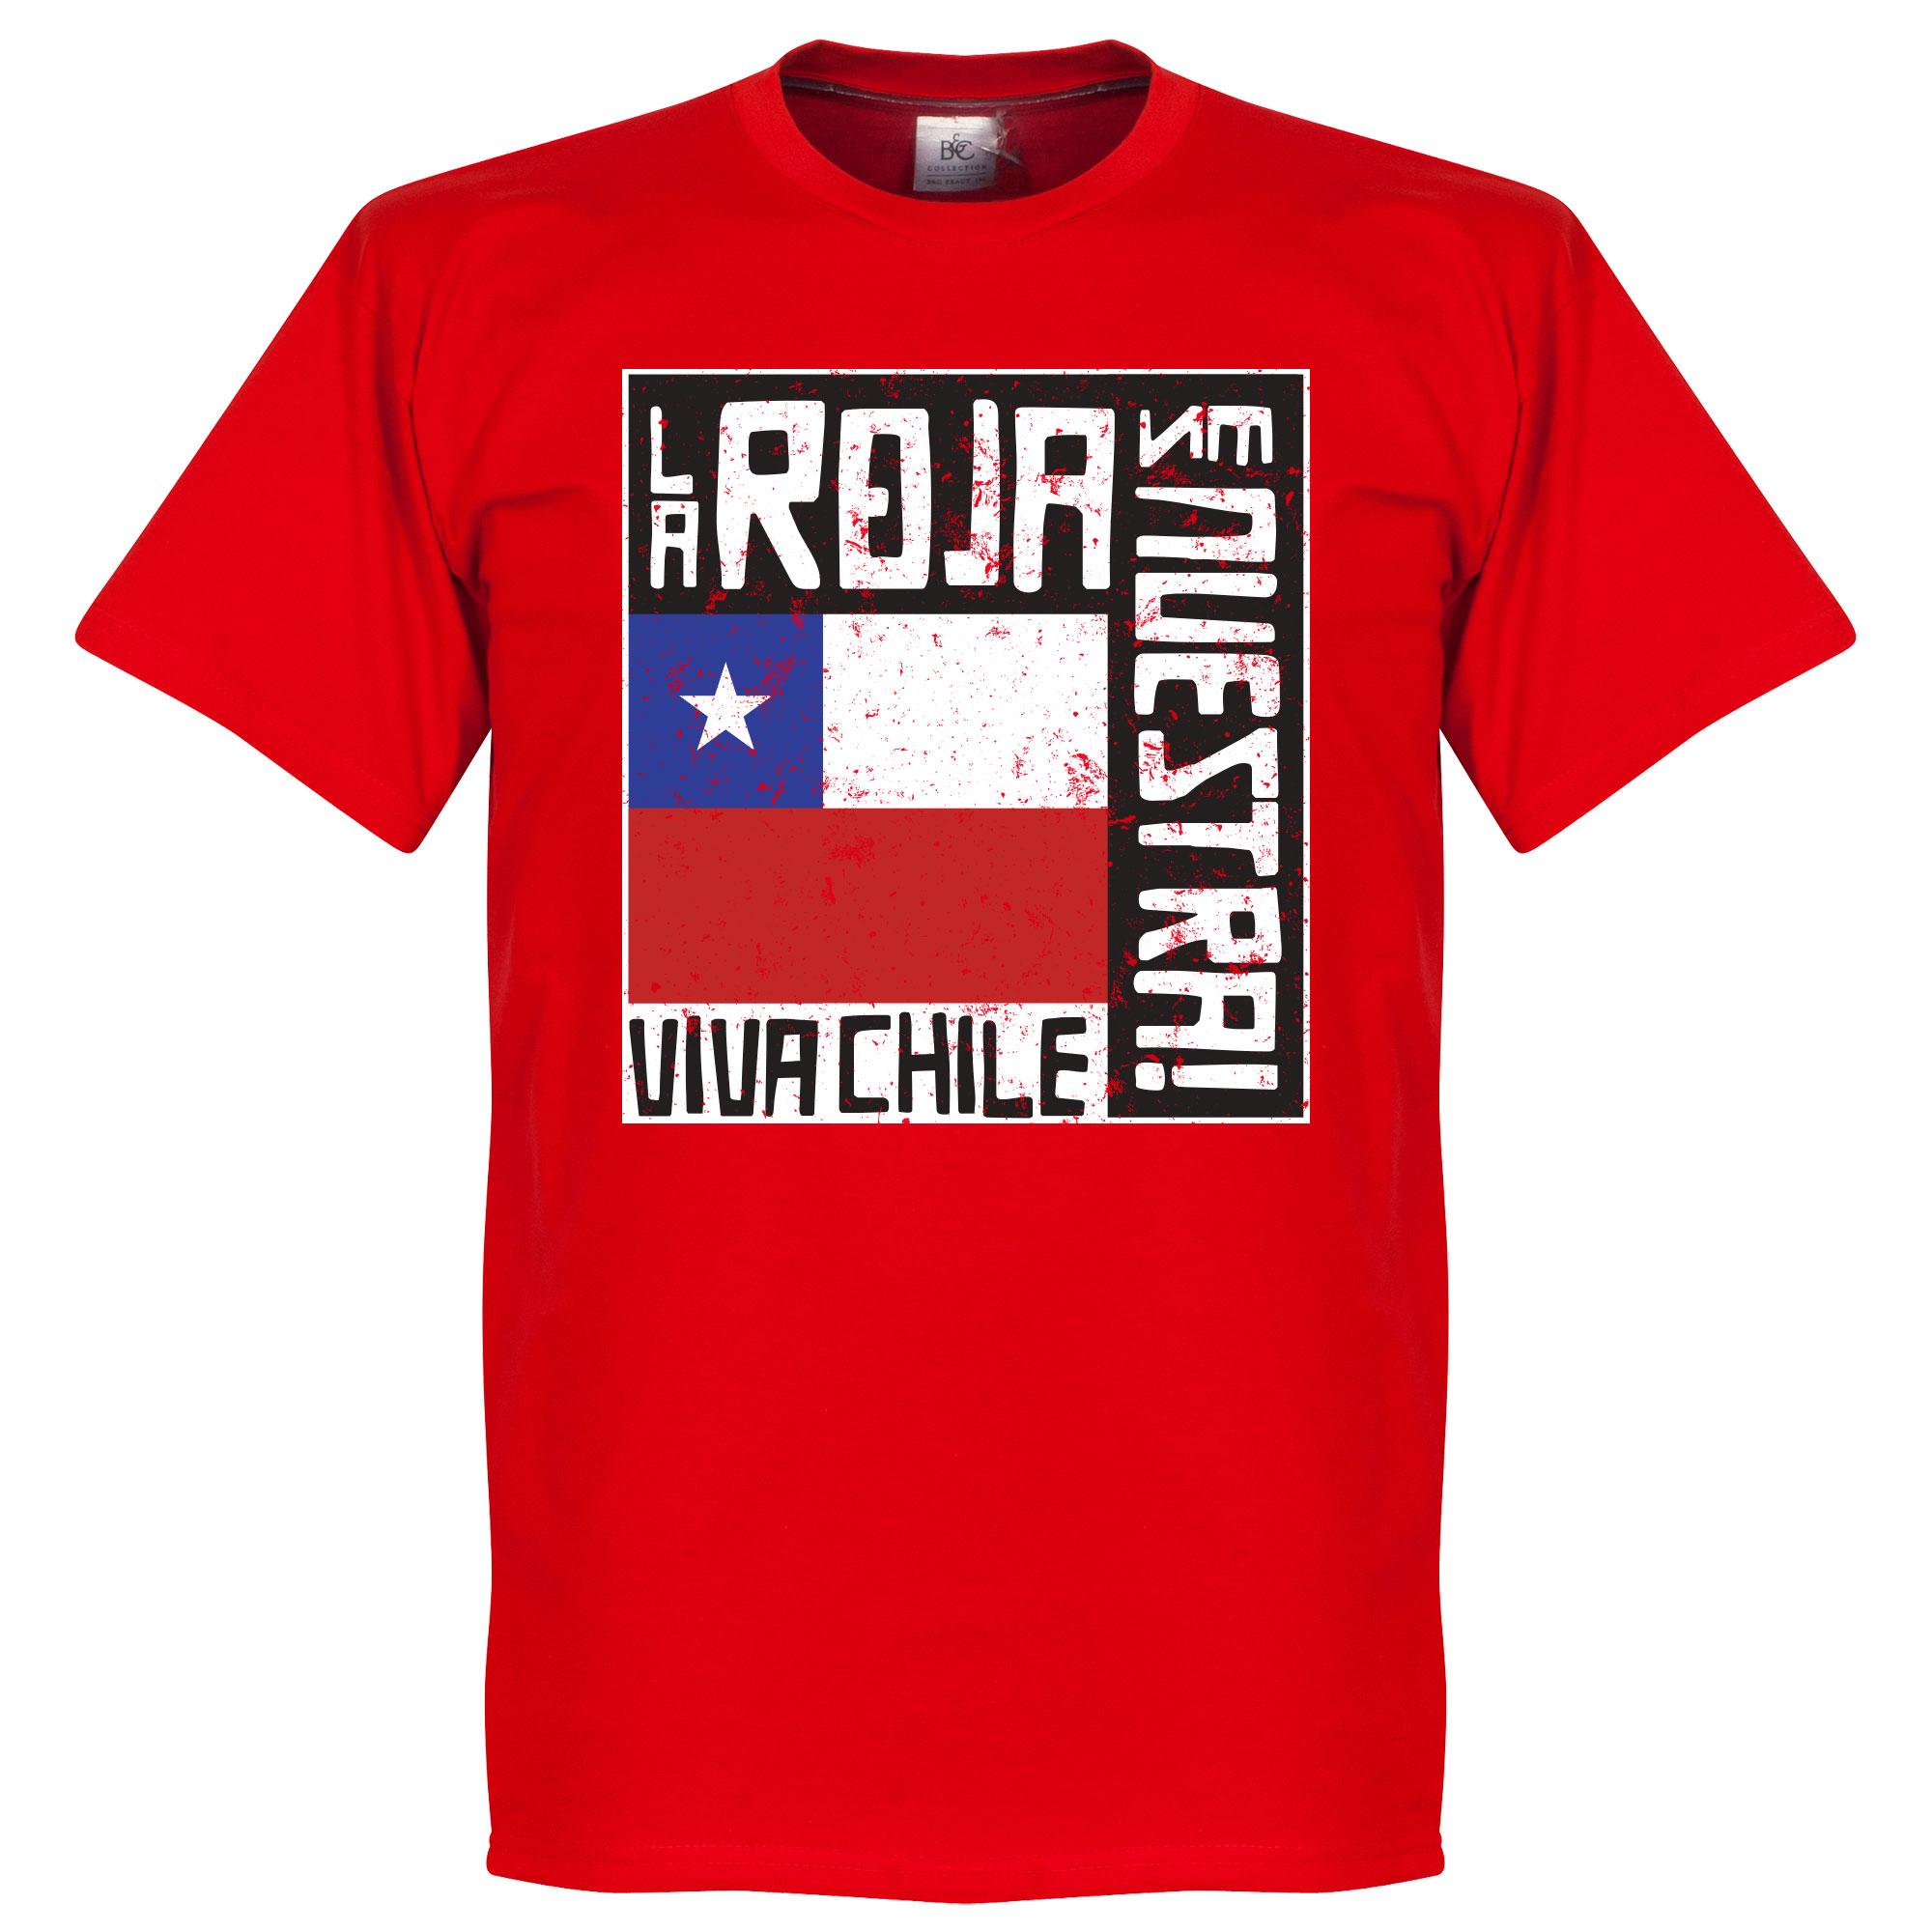 Chile La Roja Es Nuestra Tee - Red - S